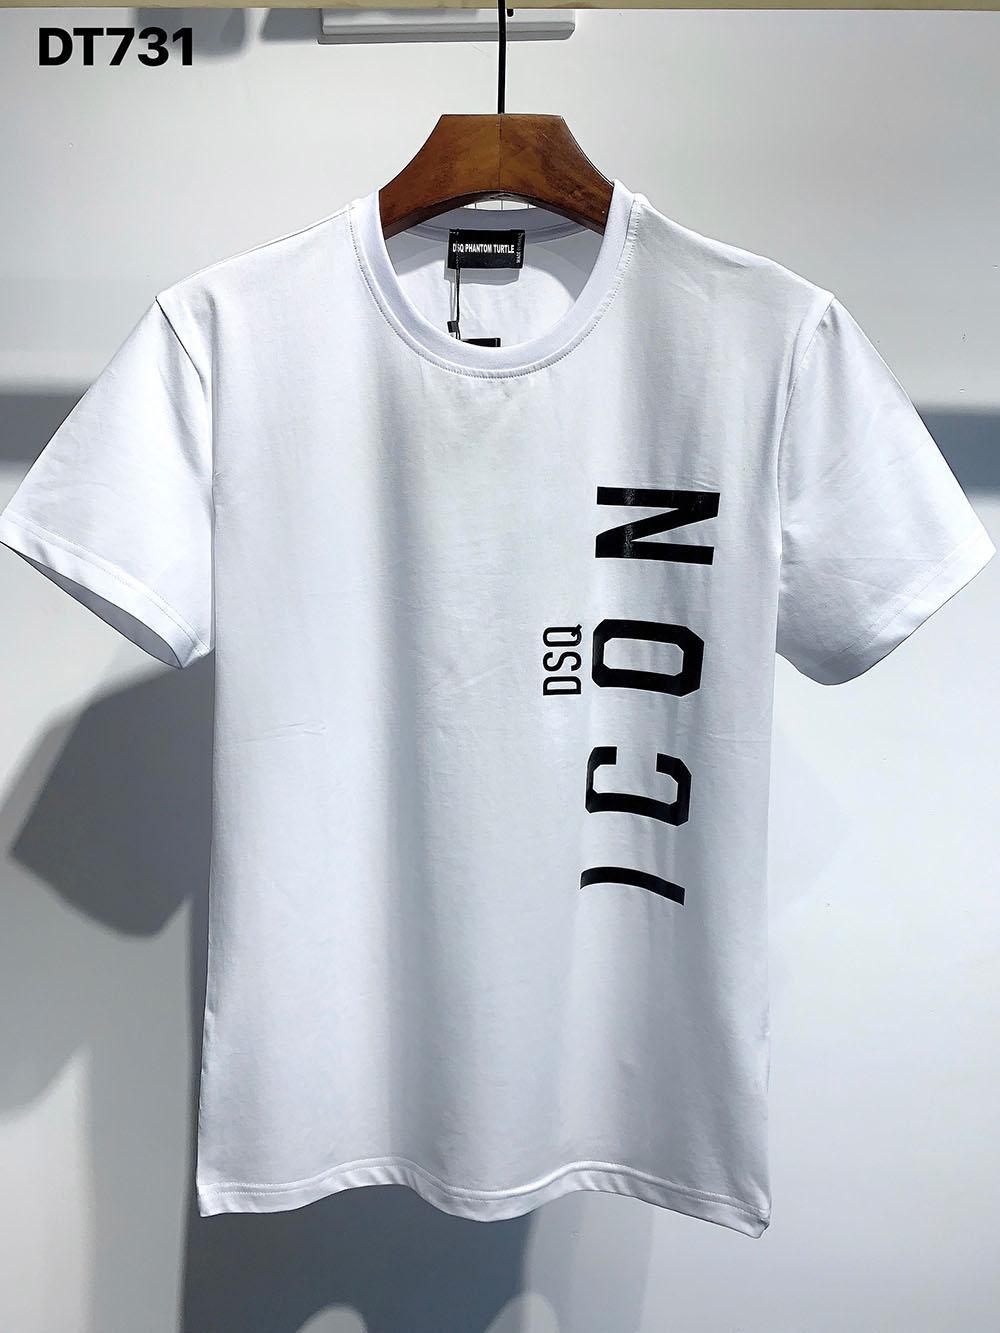 DSQ PHANTOM TORTUE 2020FW New Mens Designer T-shirt Italie mode T-shirts d'été DSQ Motif T-shirt Homme Top qualité 100% coton Top 7545